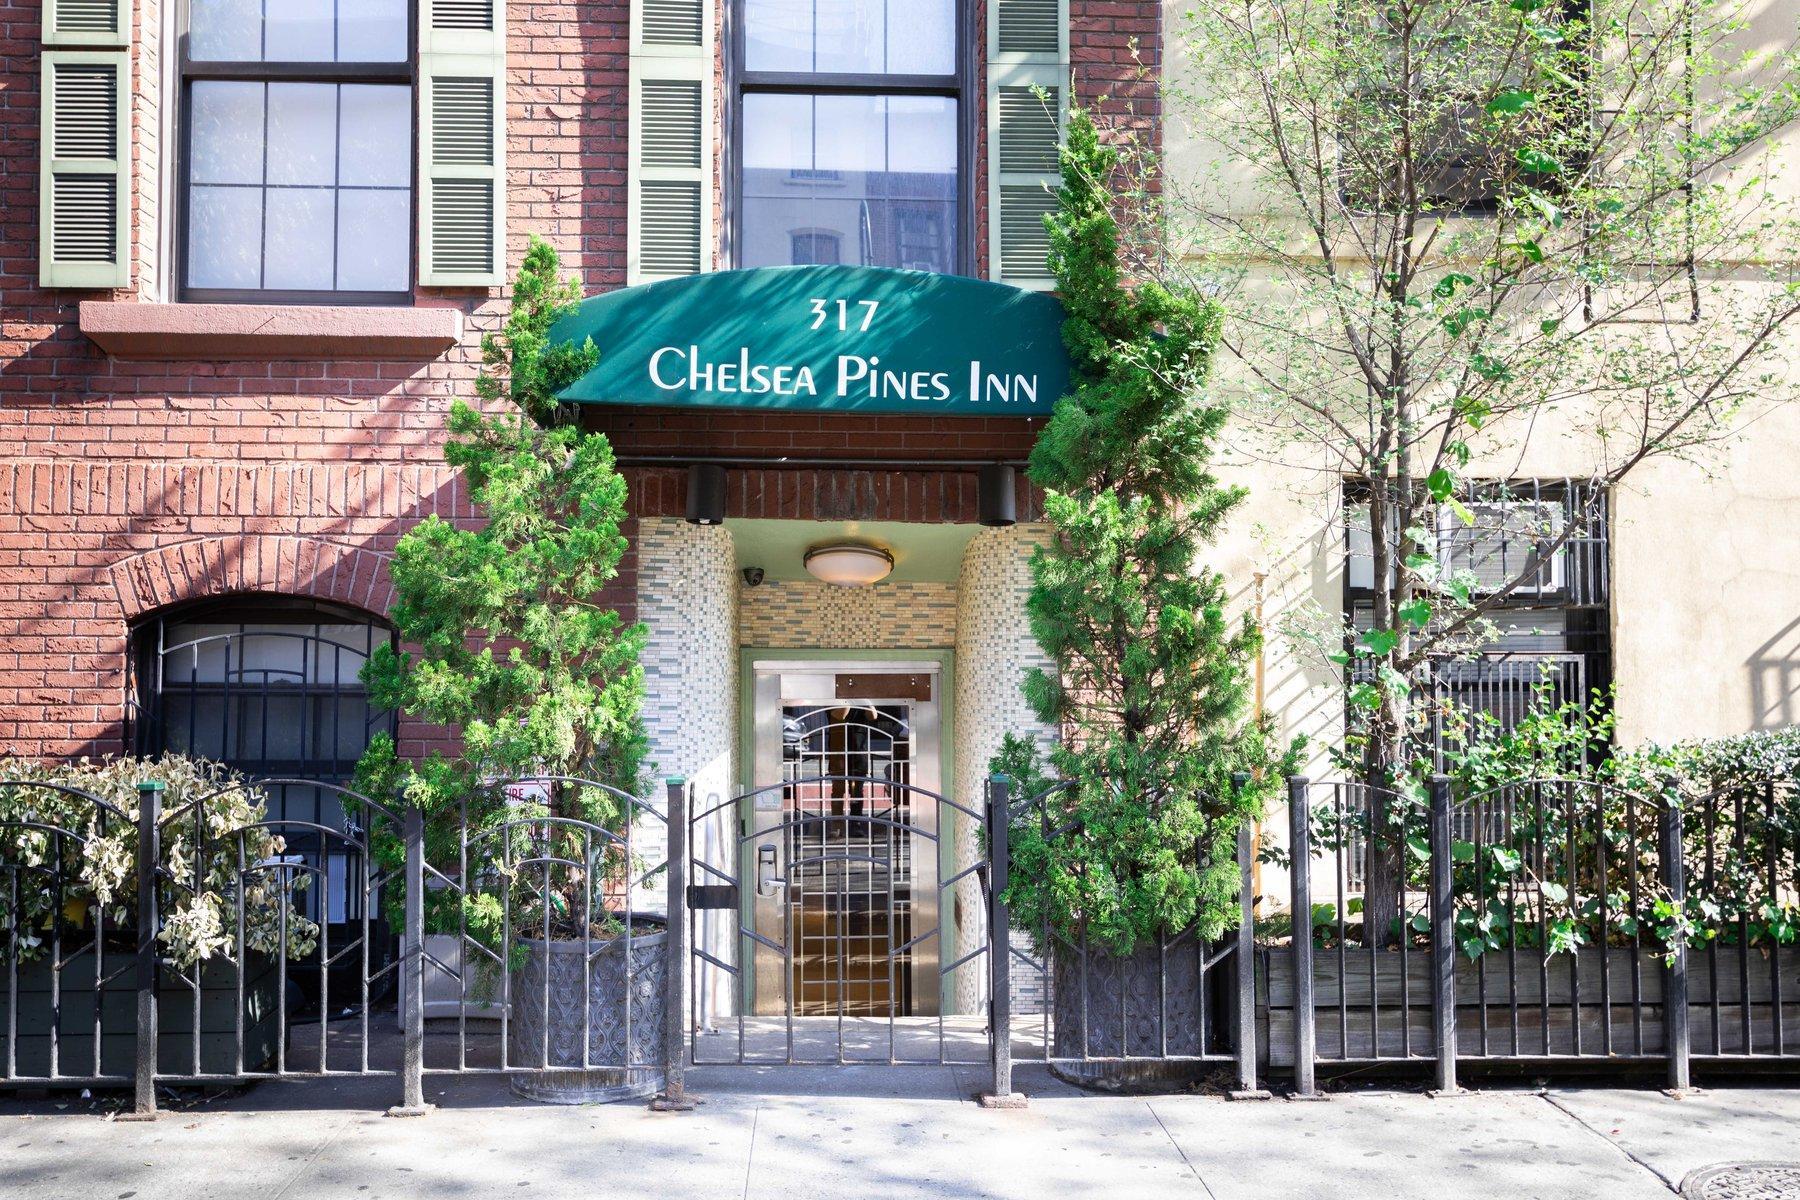 Exterior of Chelsea Pines Inn.